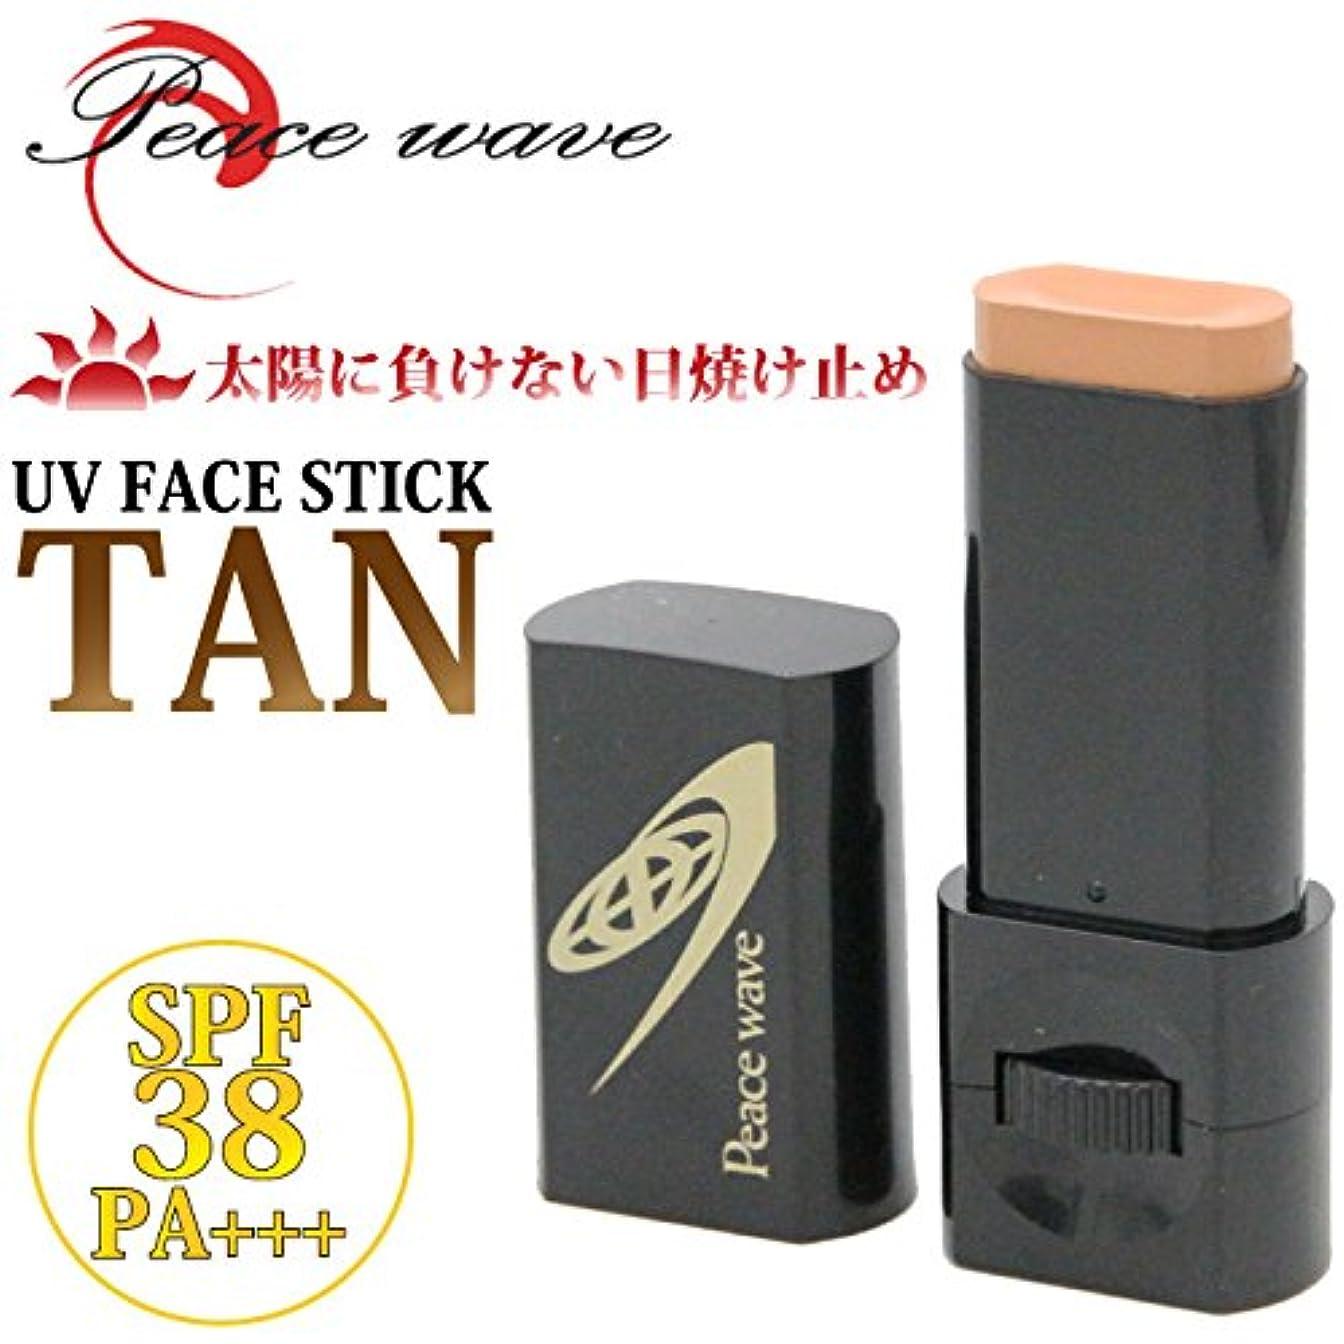 一致するコスチュームスリルPEACE WAVE(ピースウェーブ) 日焼け止め UV FACE STICK SPF38 フェイススティック タン